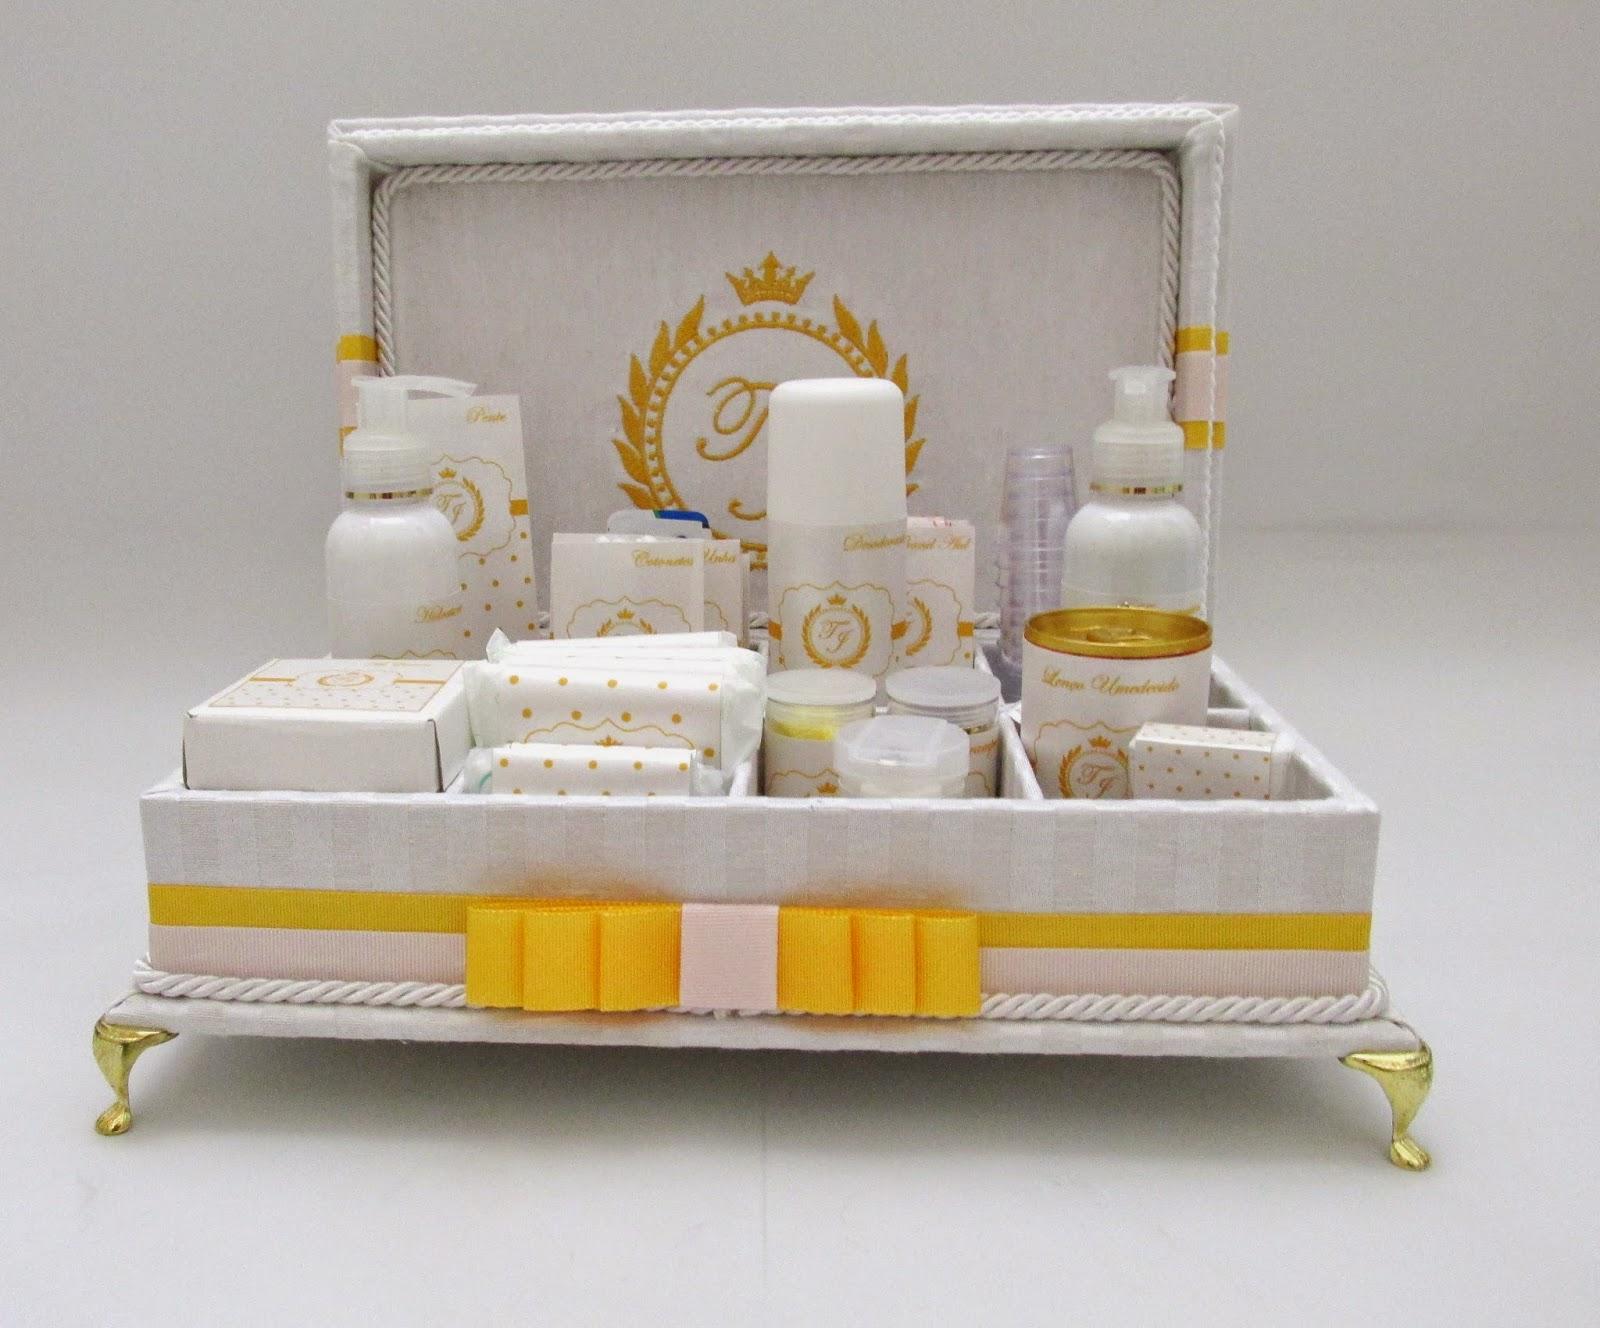 Divina Caixa: Caixa Kit Banheiro para casamentos #B48917 1600 1328